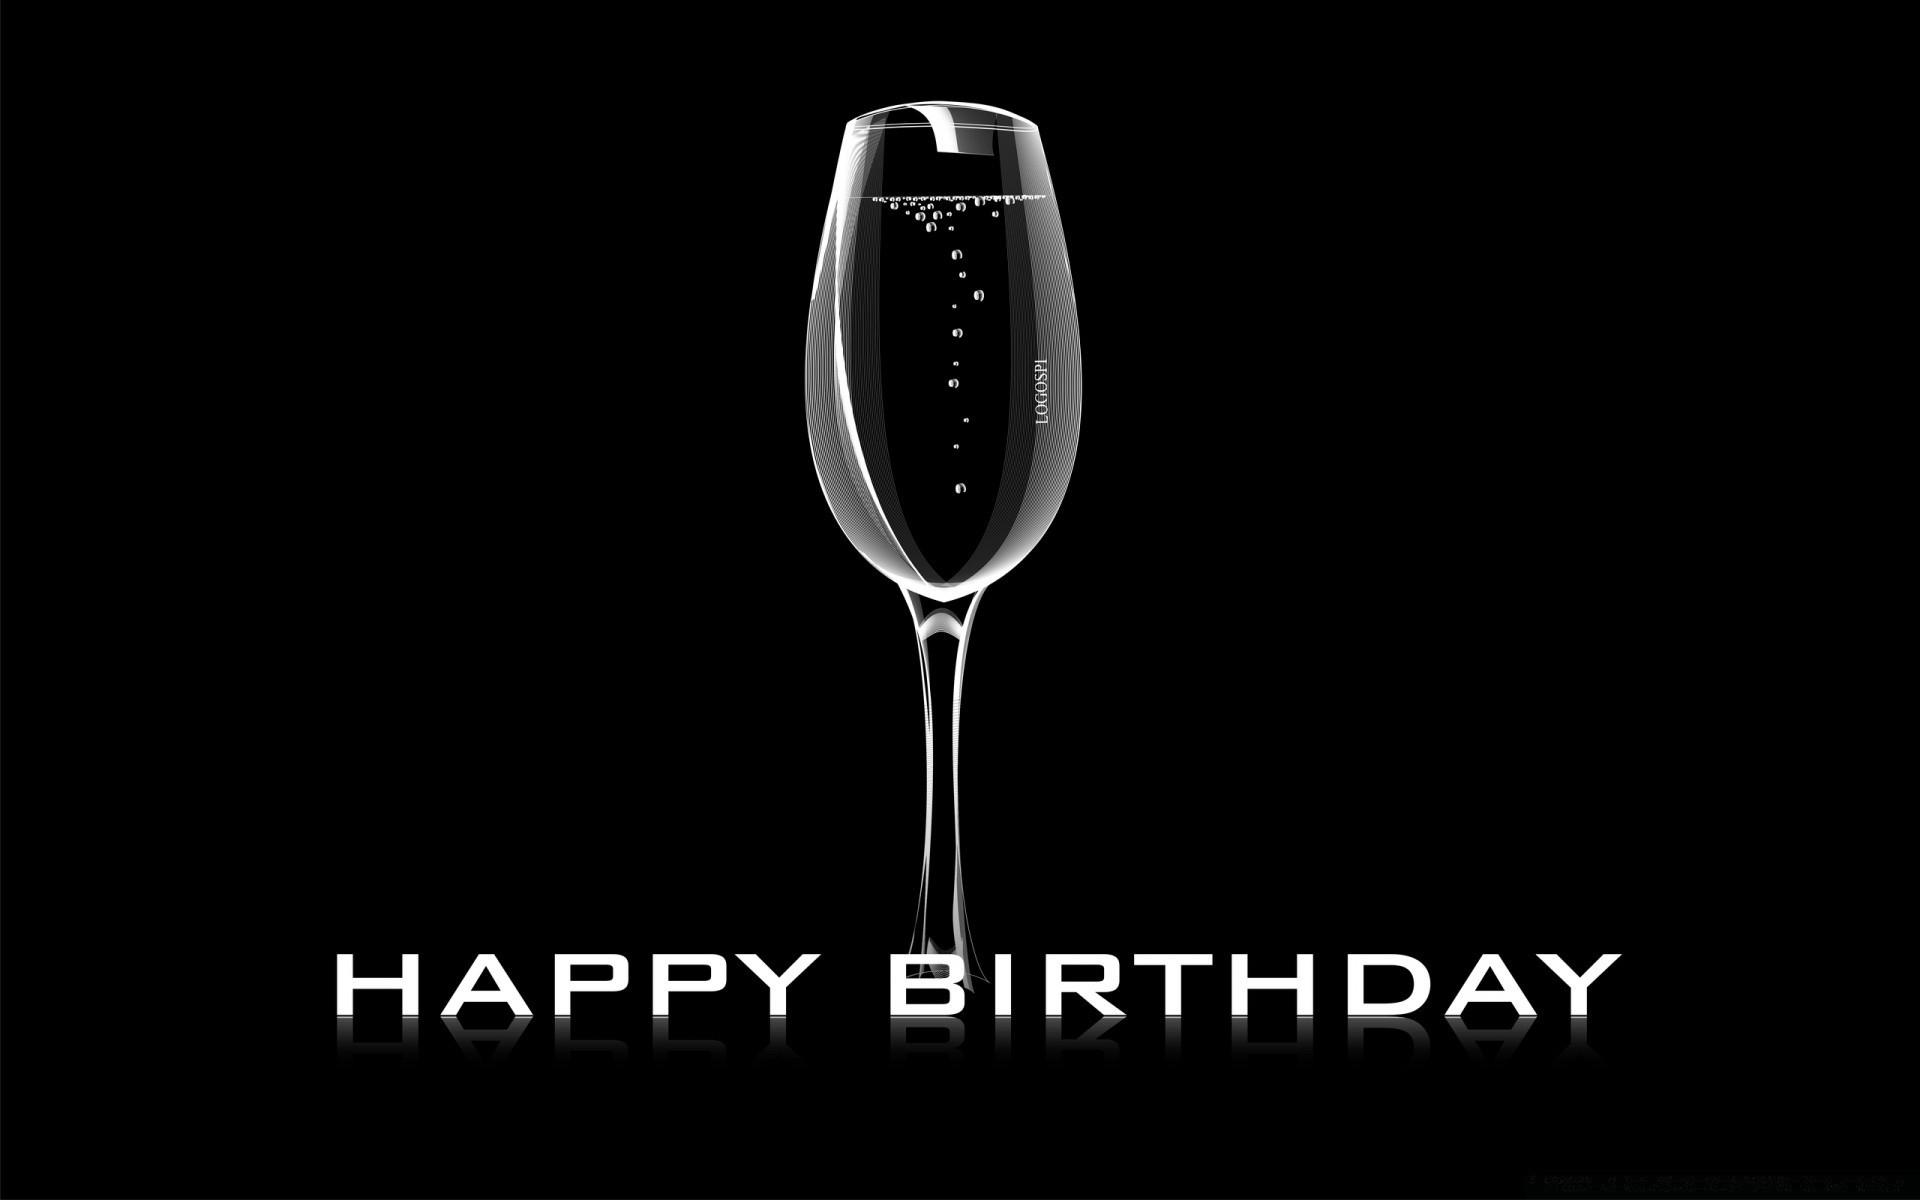 Открытки с днем рождения мужчине черно белое, поздравление днем рождения